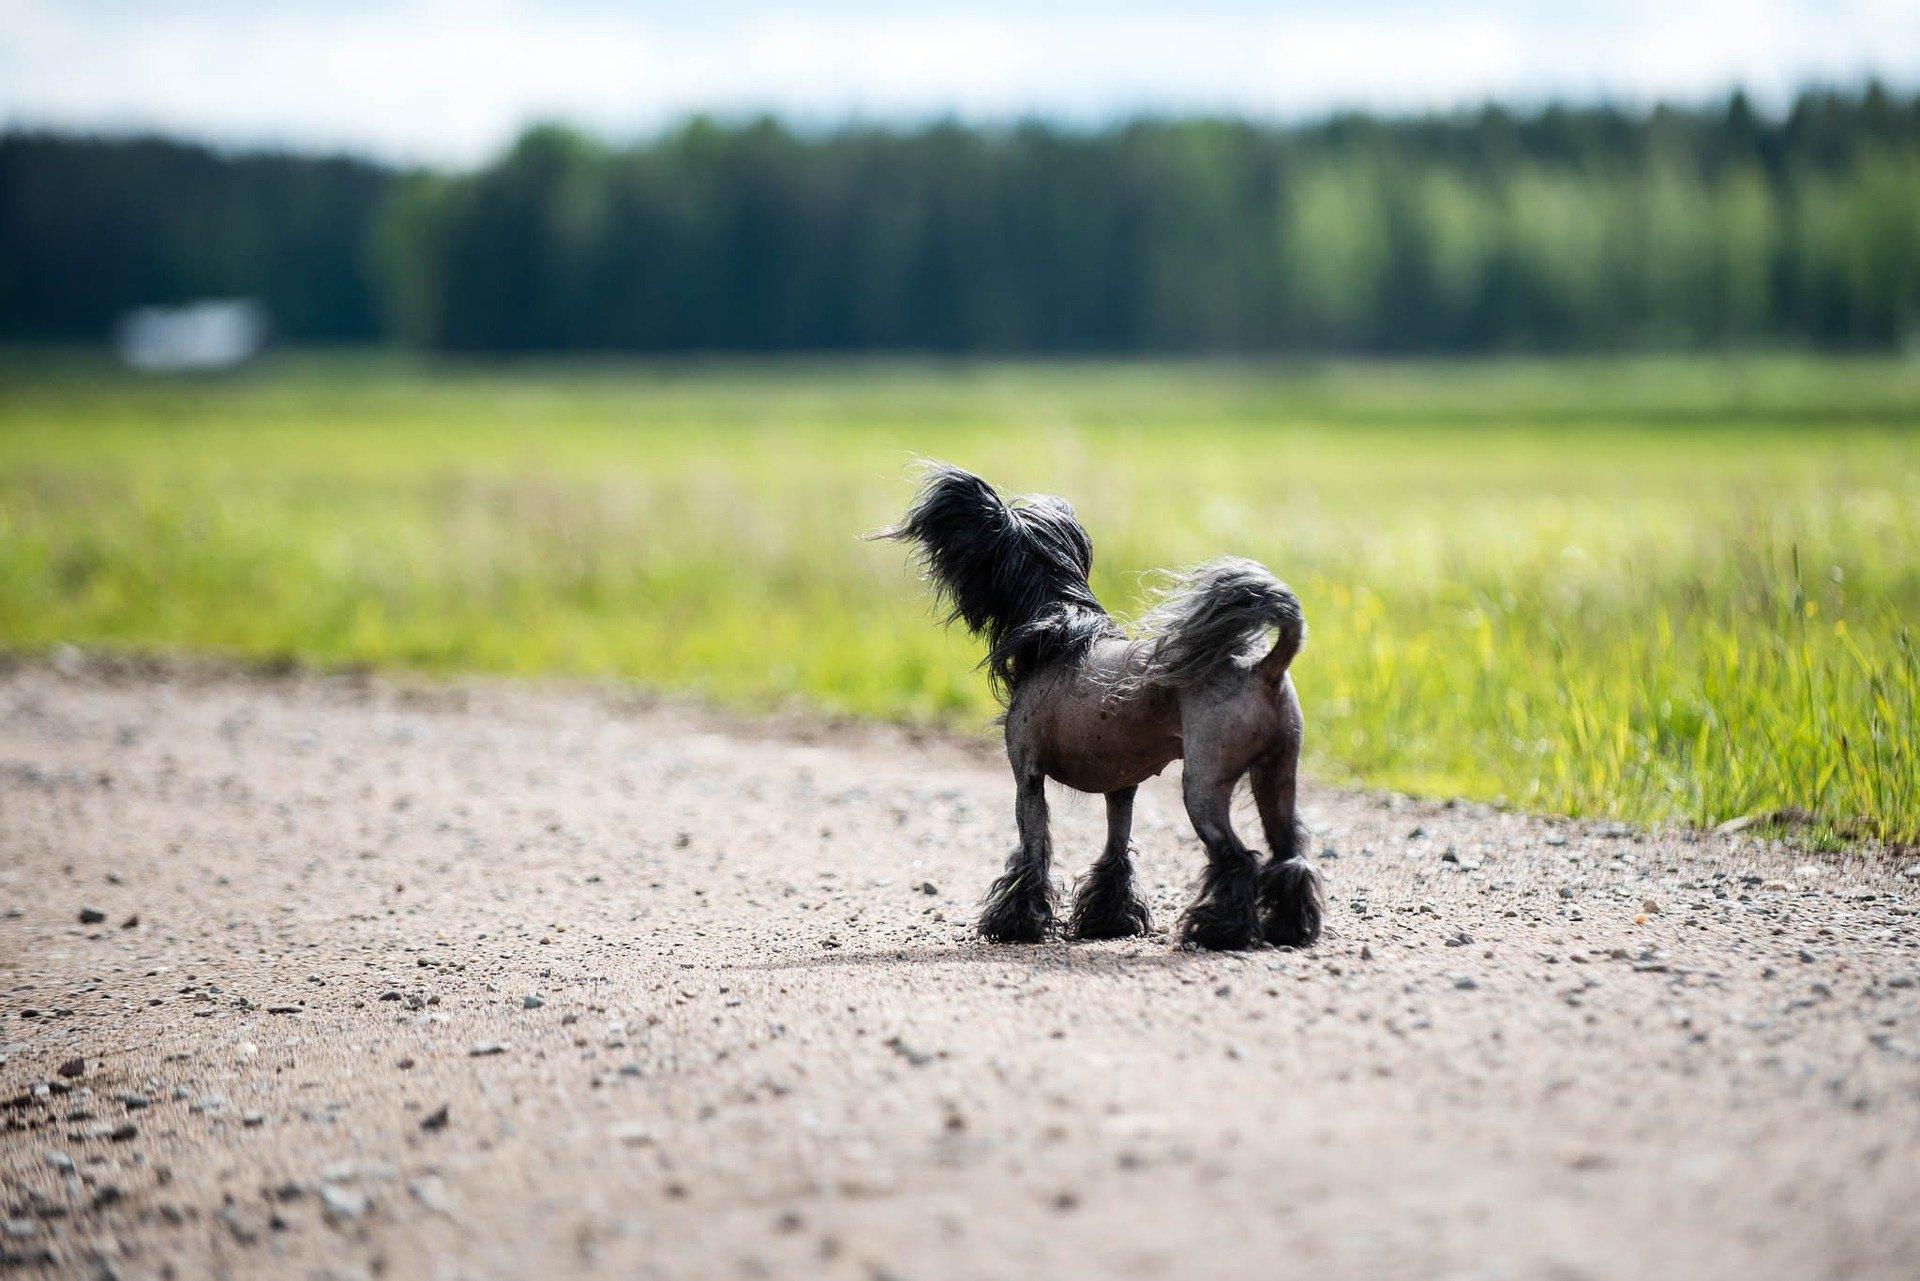 Čínsky chocholatý pes - najdôležitejšie informácie o plemene